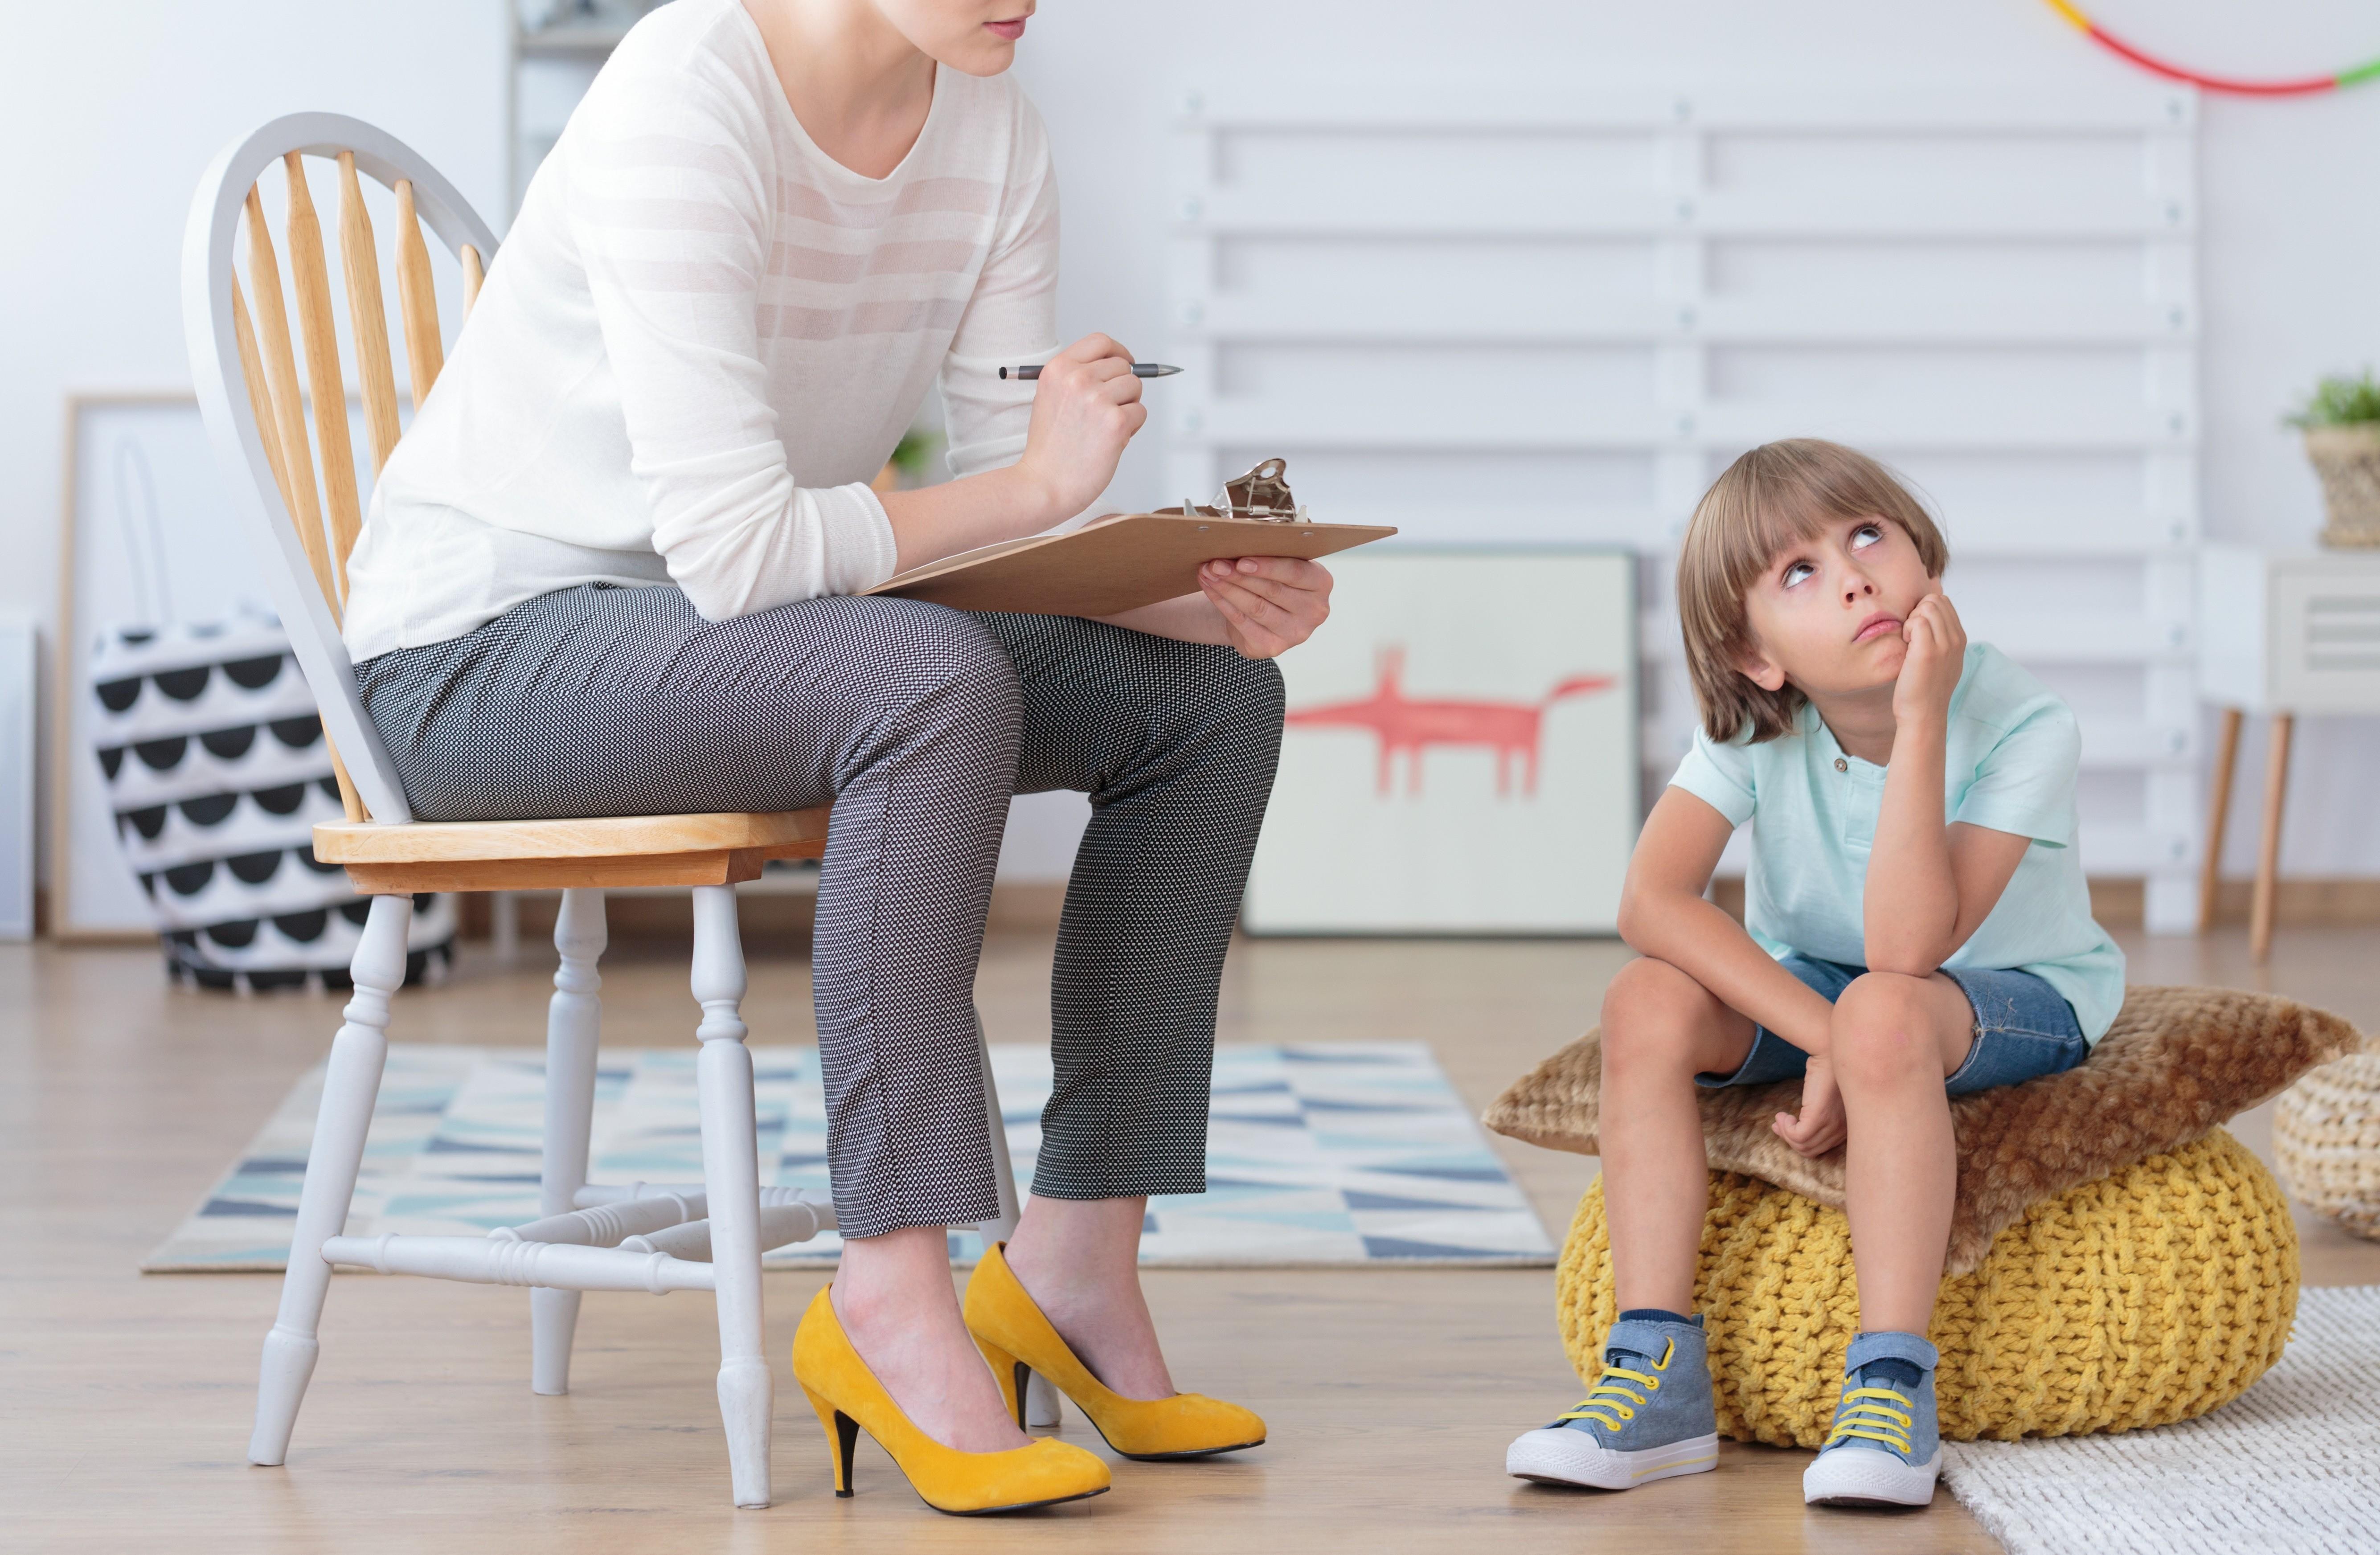 СДВГ или гиперактивность: темперамент, наказание маме, болезнь?